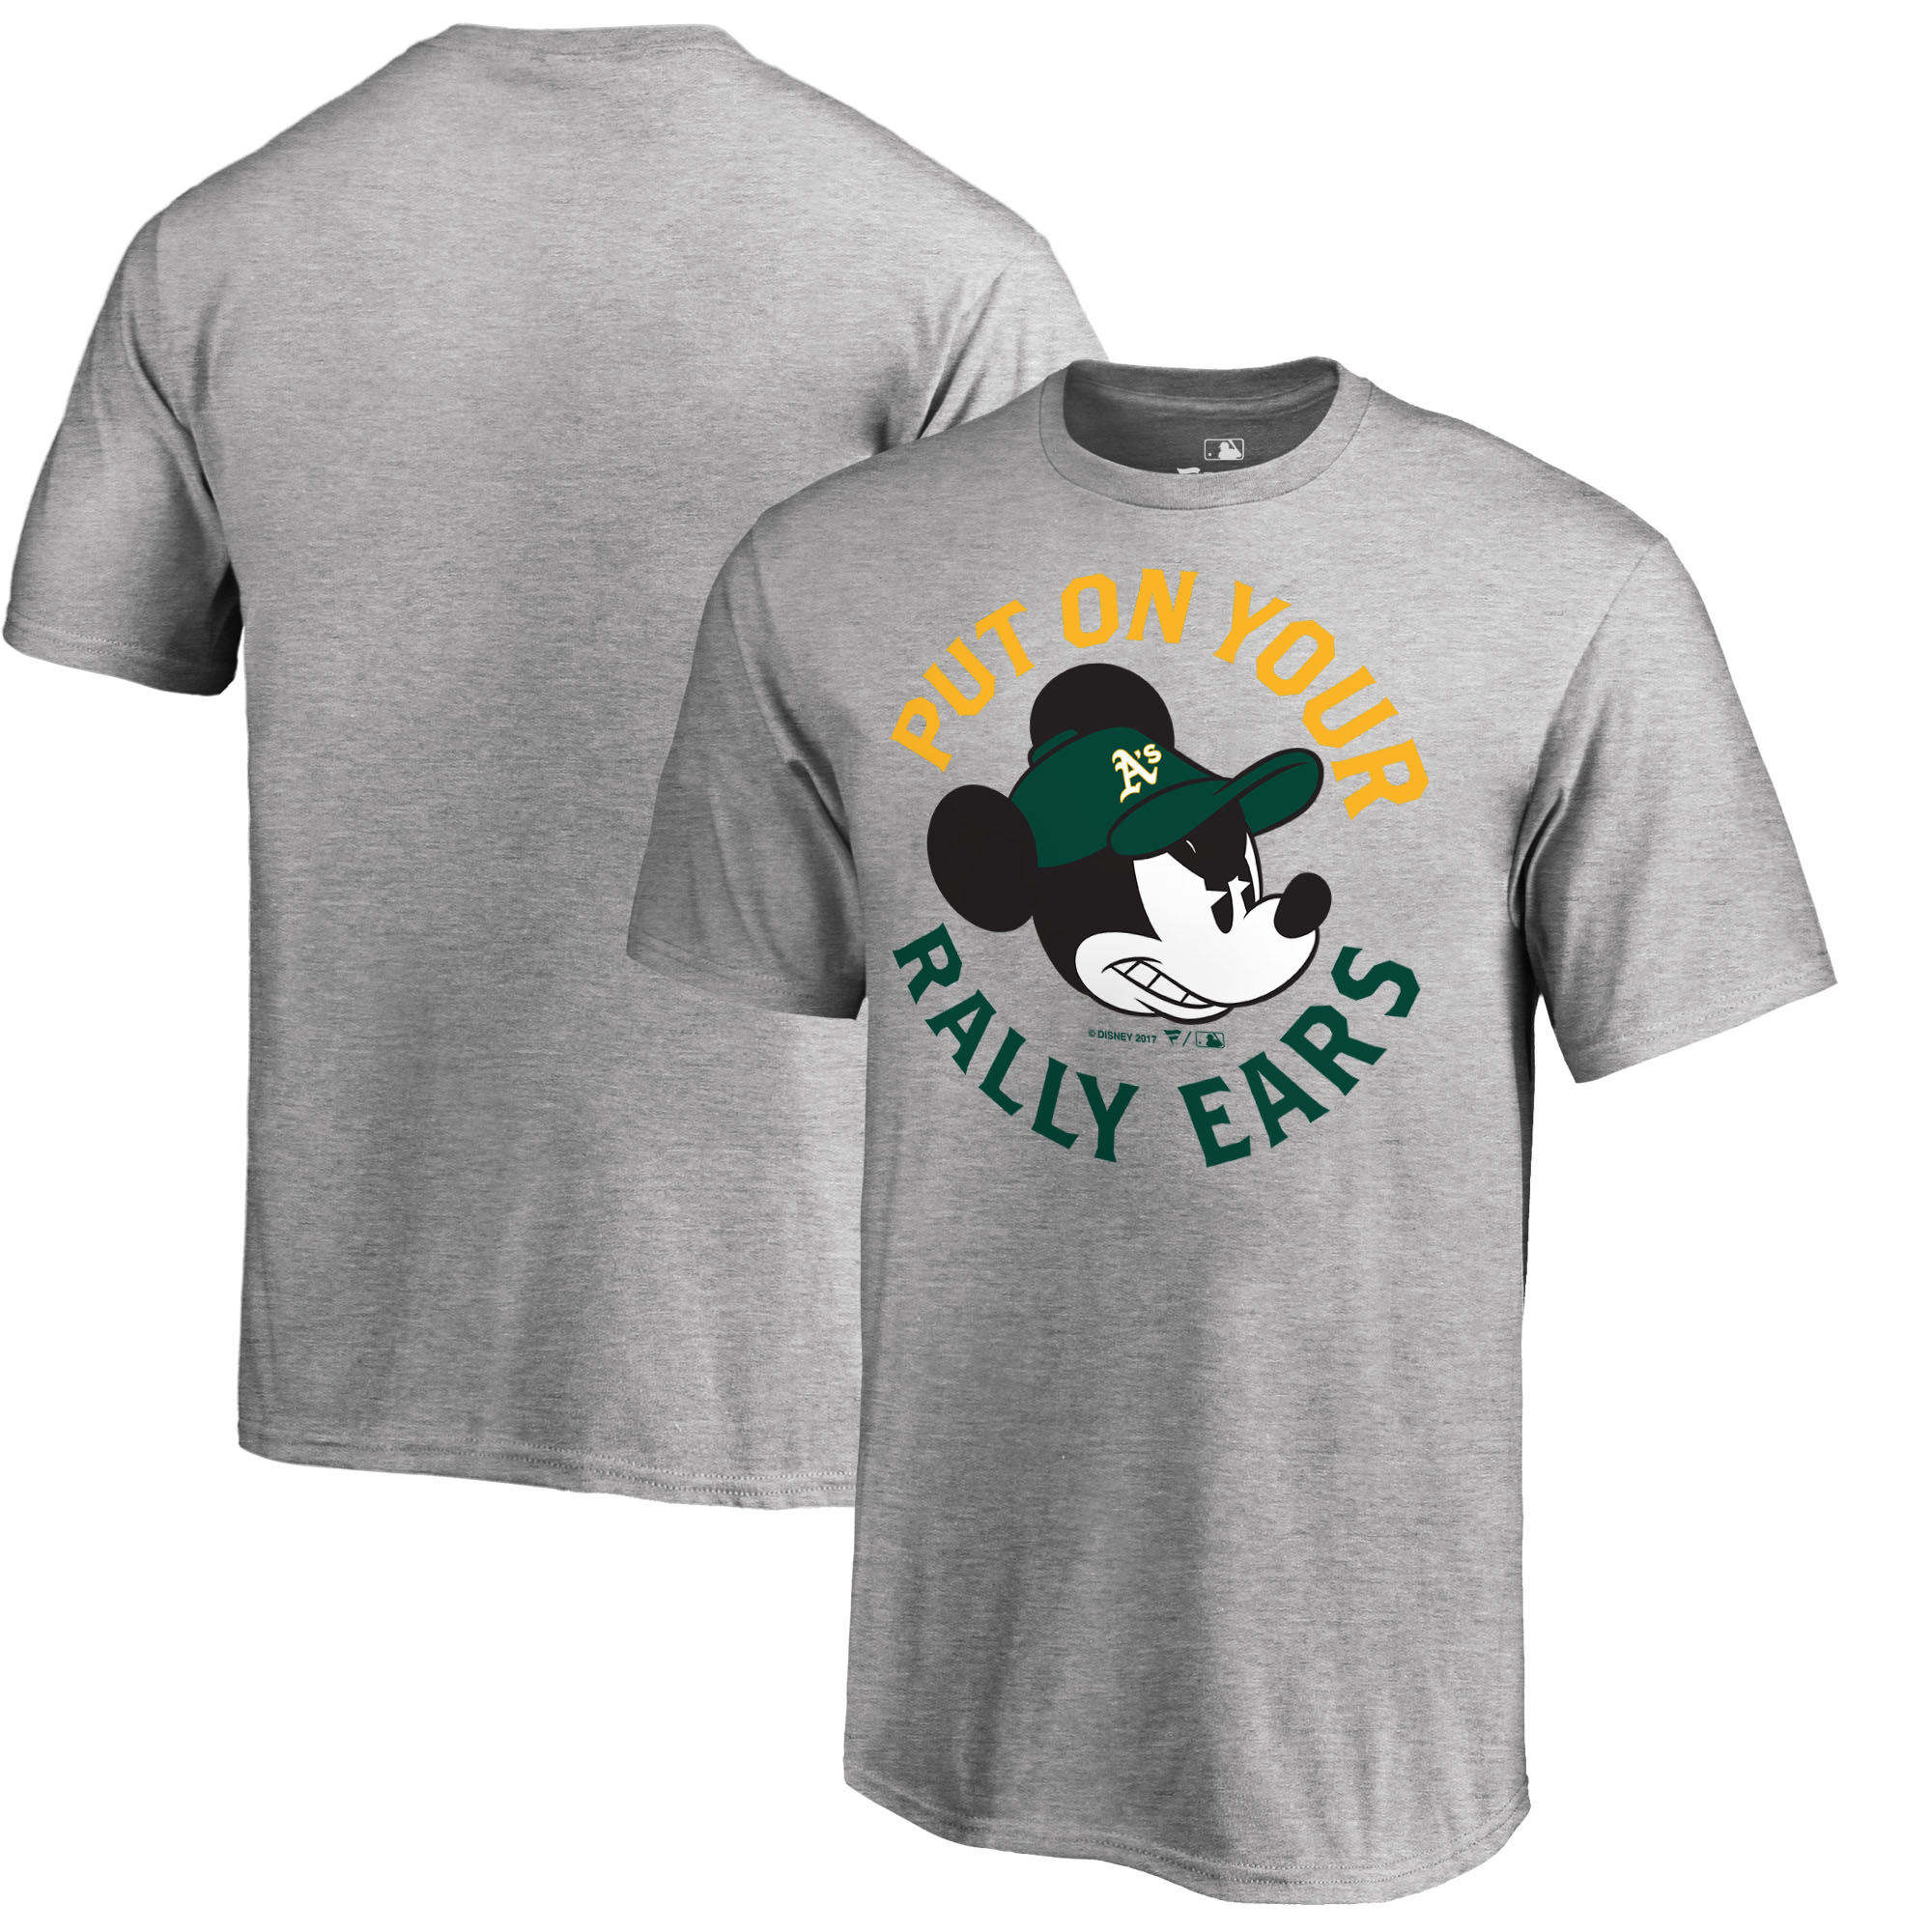 Oakland Athletics Fanatics Branded Youth Disney Rally Ears T-Shirt - Heathered Gray